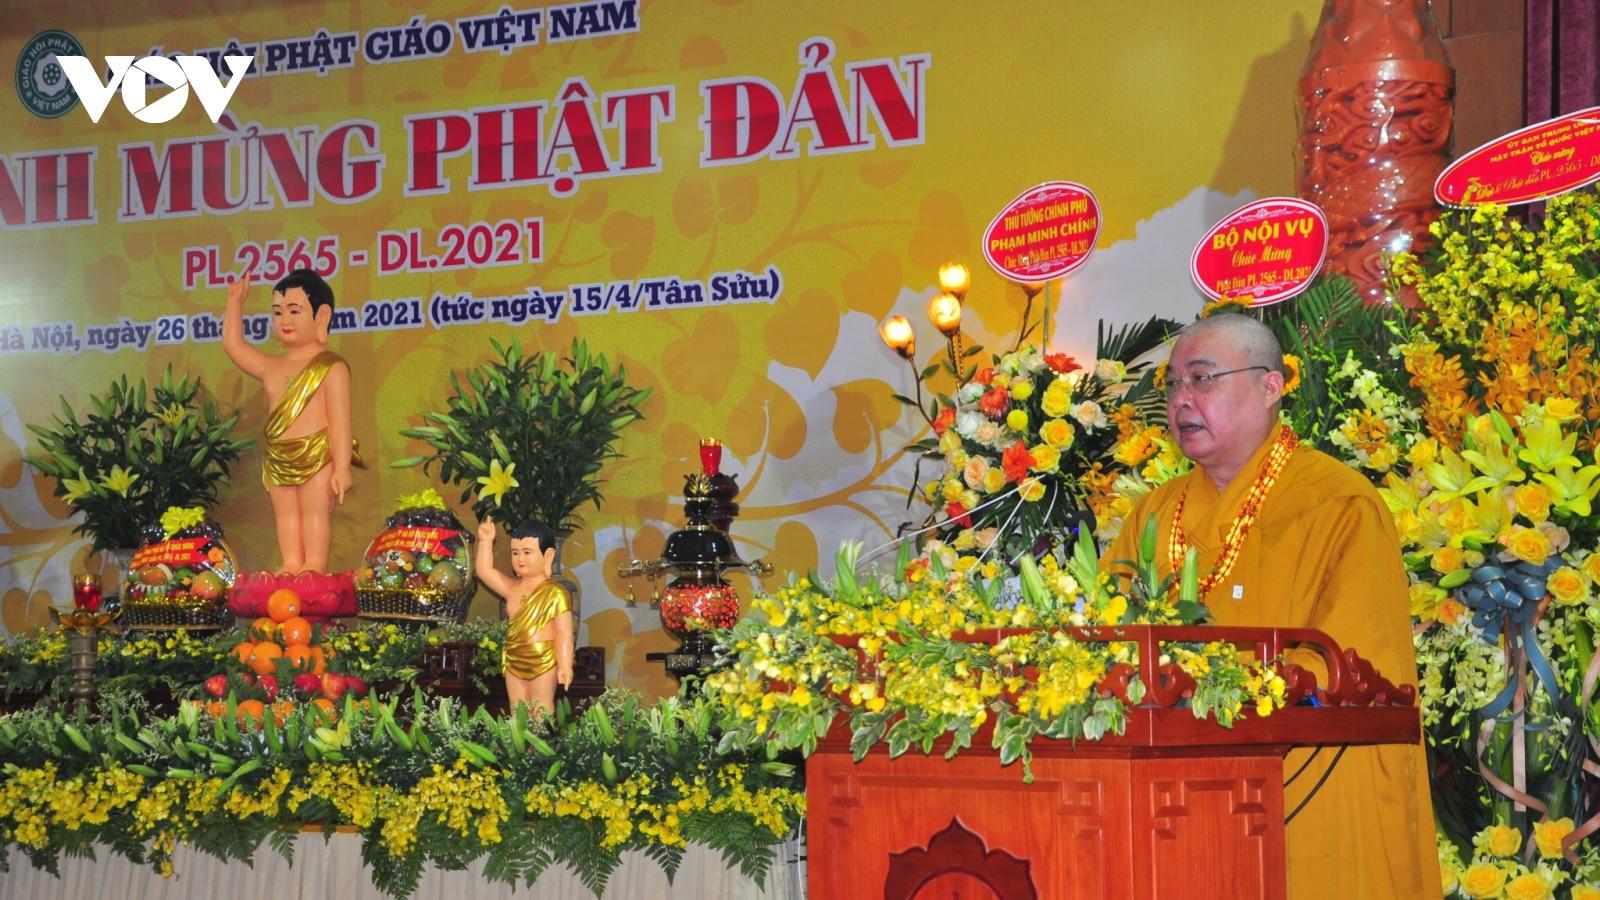 Đại lễ Phật đản 2021: Thông điệp chung tay đẩy lùi dịch Covid-19